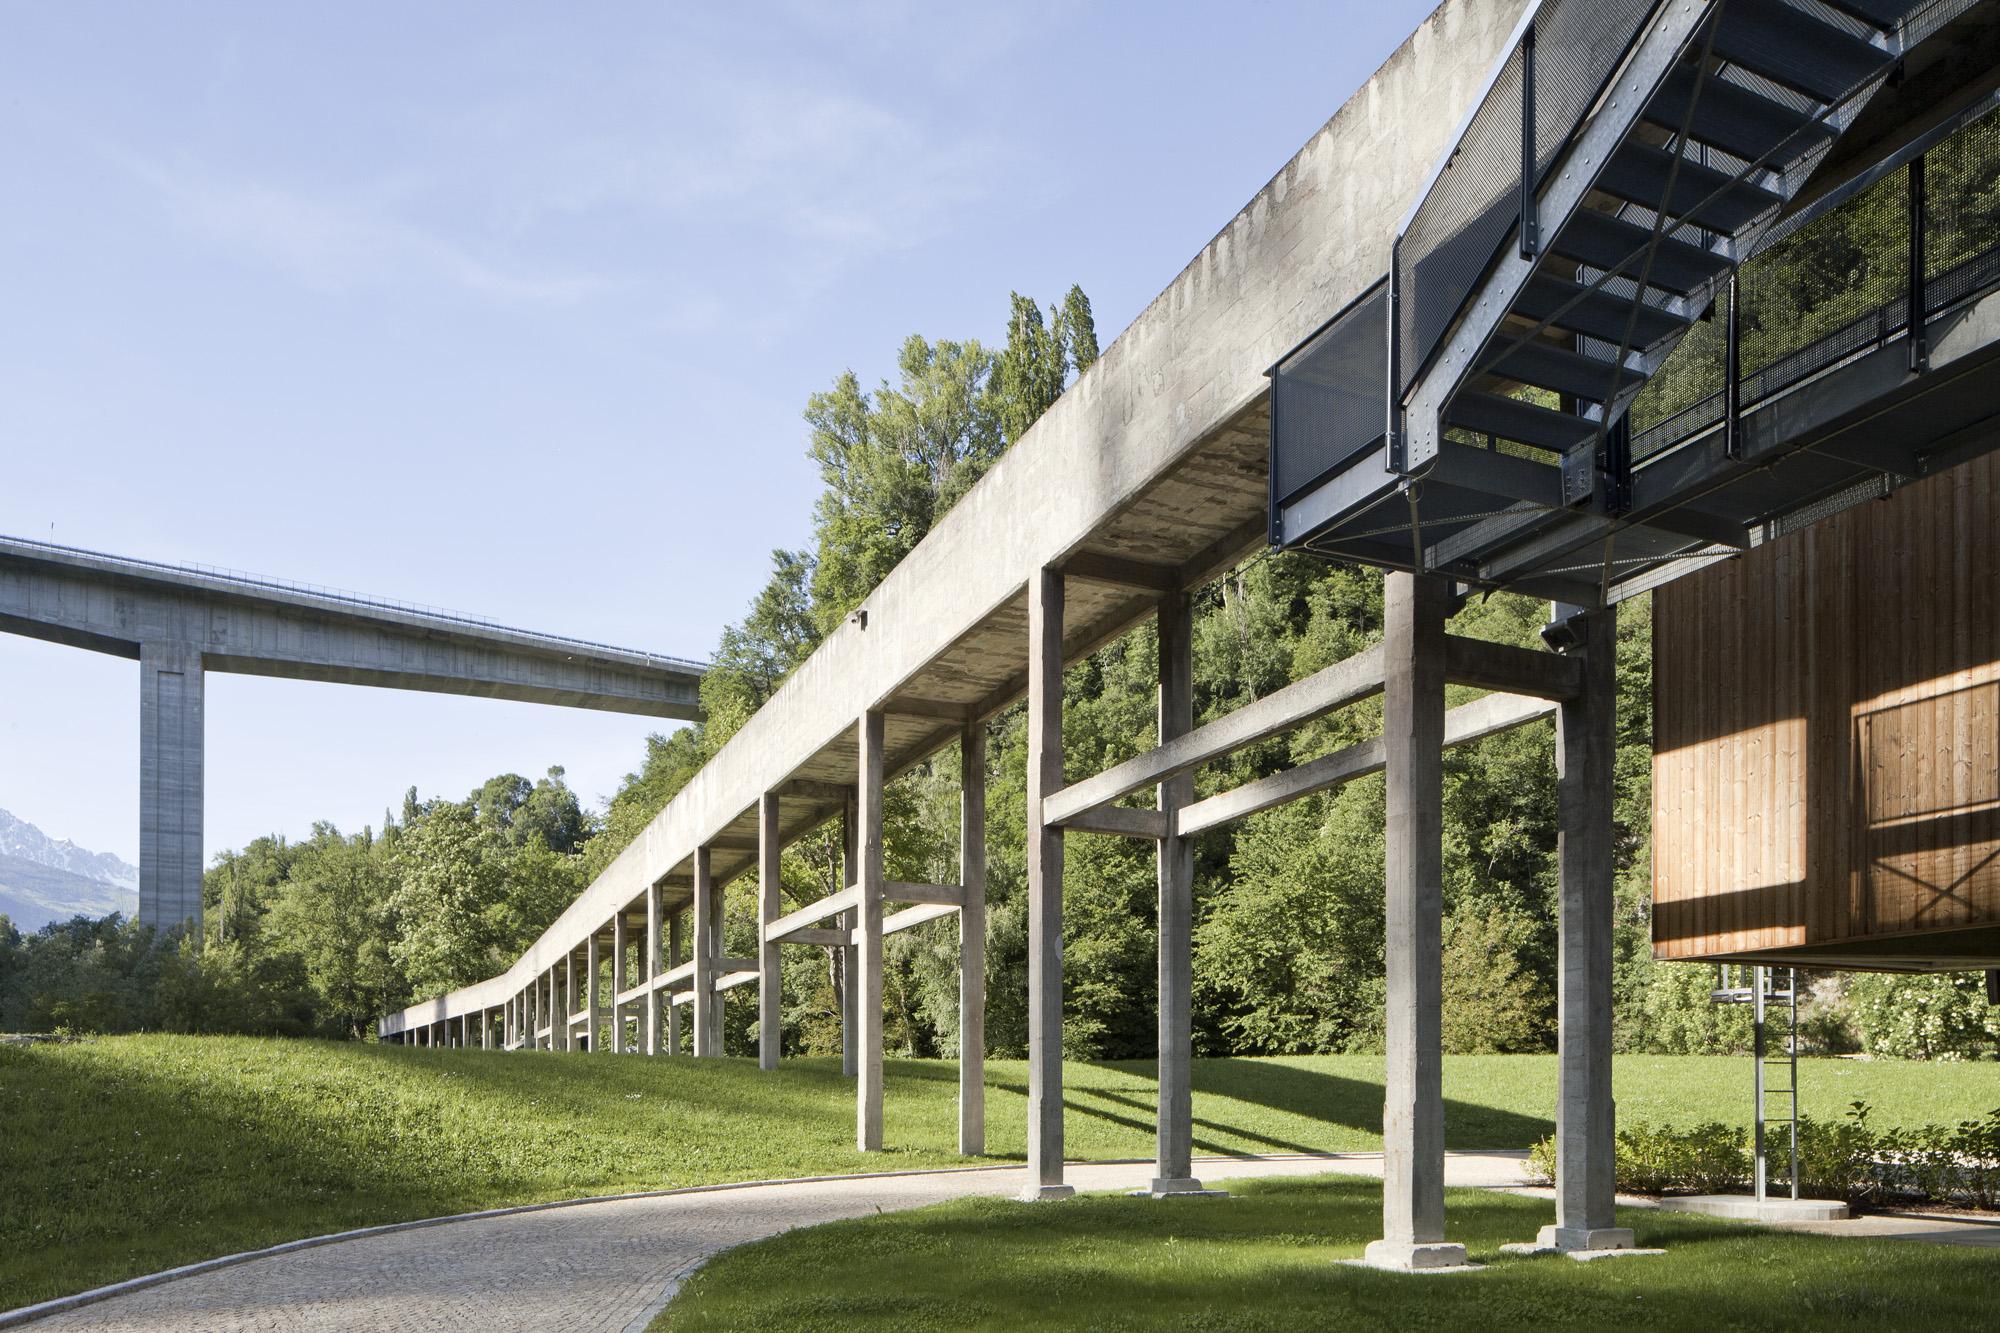 Studio Lavarello - Andrea Bosio - Architecture photography - fotografia architettura - fotografo architettura - Architecture photogrpaher